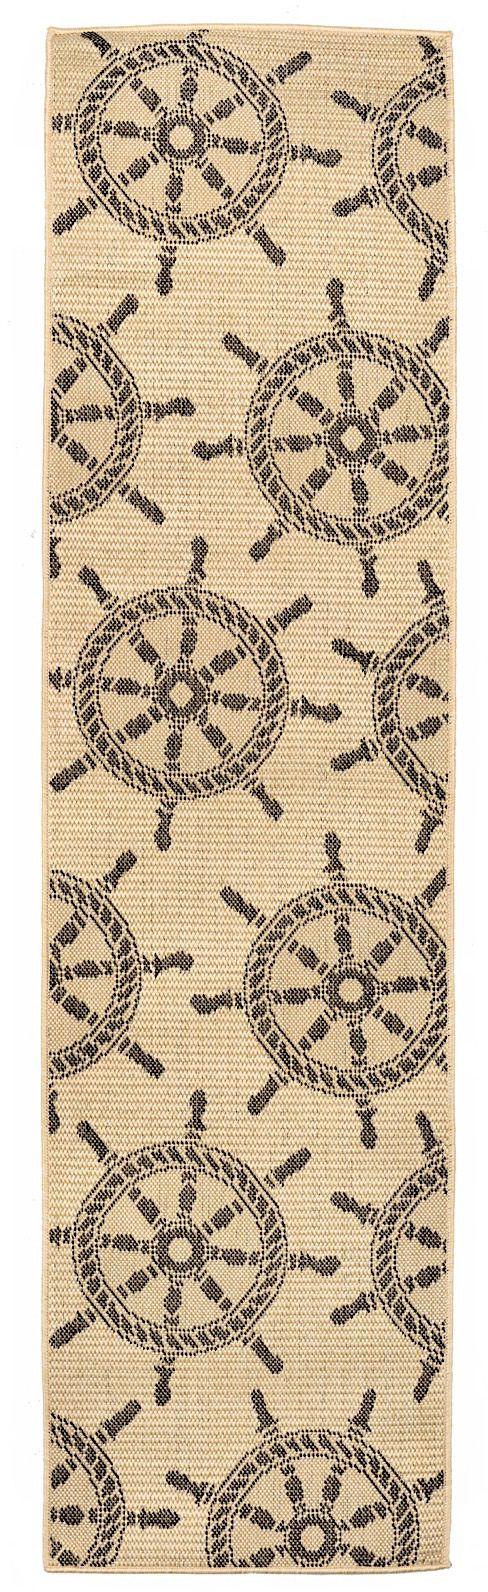 trans ocean terrace contemporary area rug collection